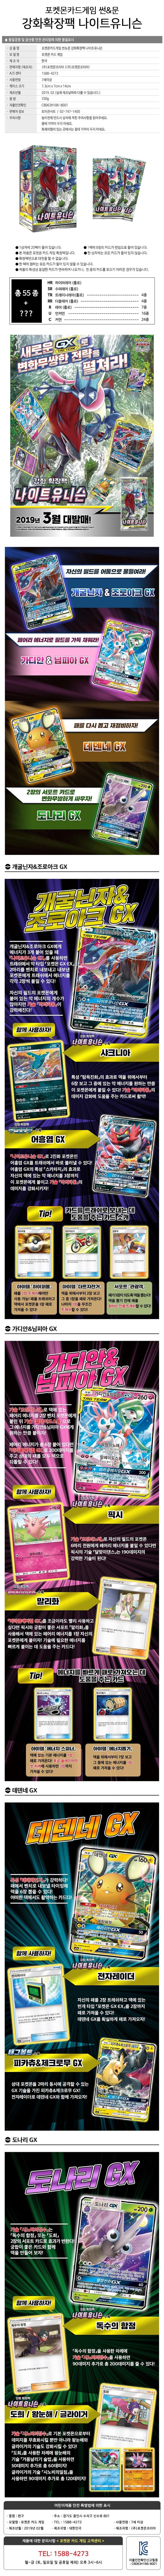 포켓몬 카드게임&문 강화 확장팩 - 나이트유니슨 - 영웅완구, 20,000원, 보드게임, 카드 게임